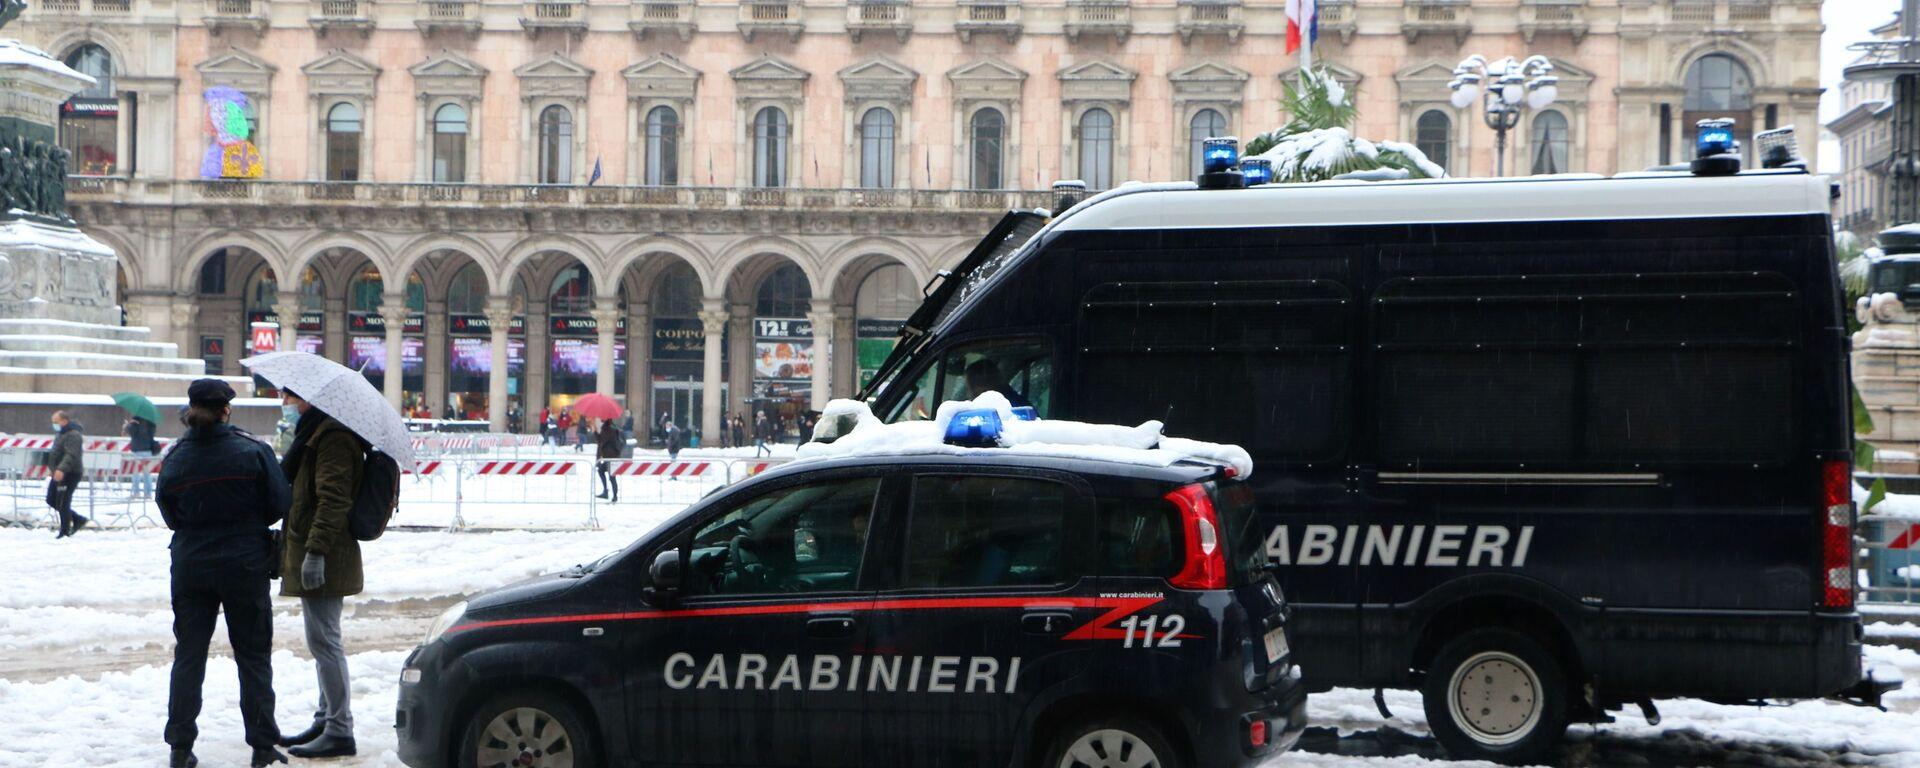 Carabinieri a Milano - Sputnik Italia, 1920, 13.07.2021